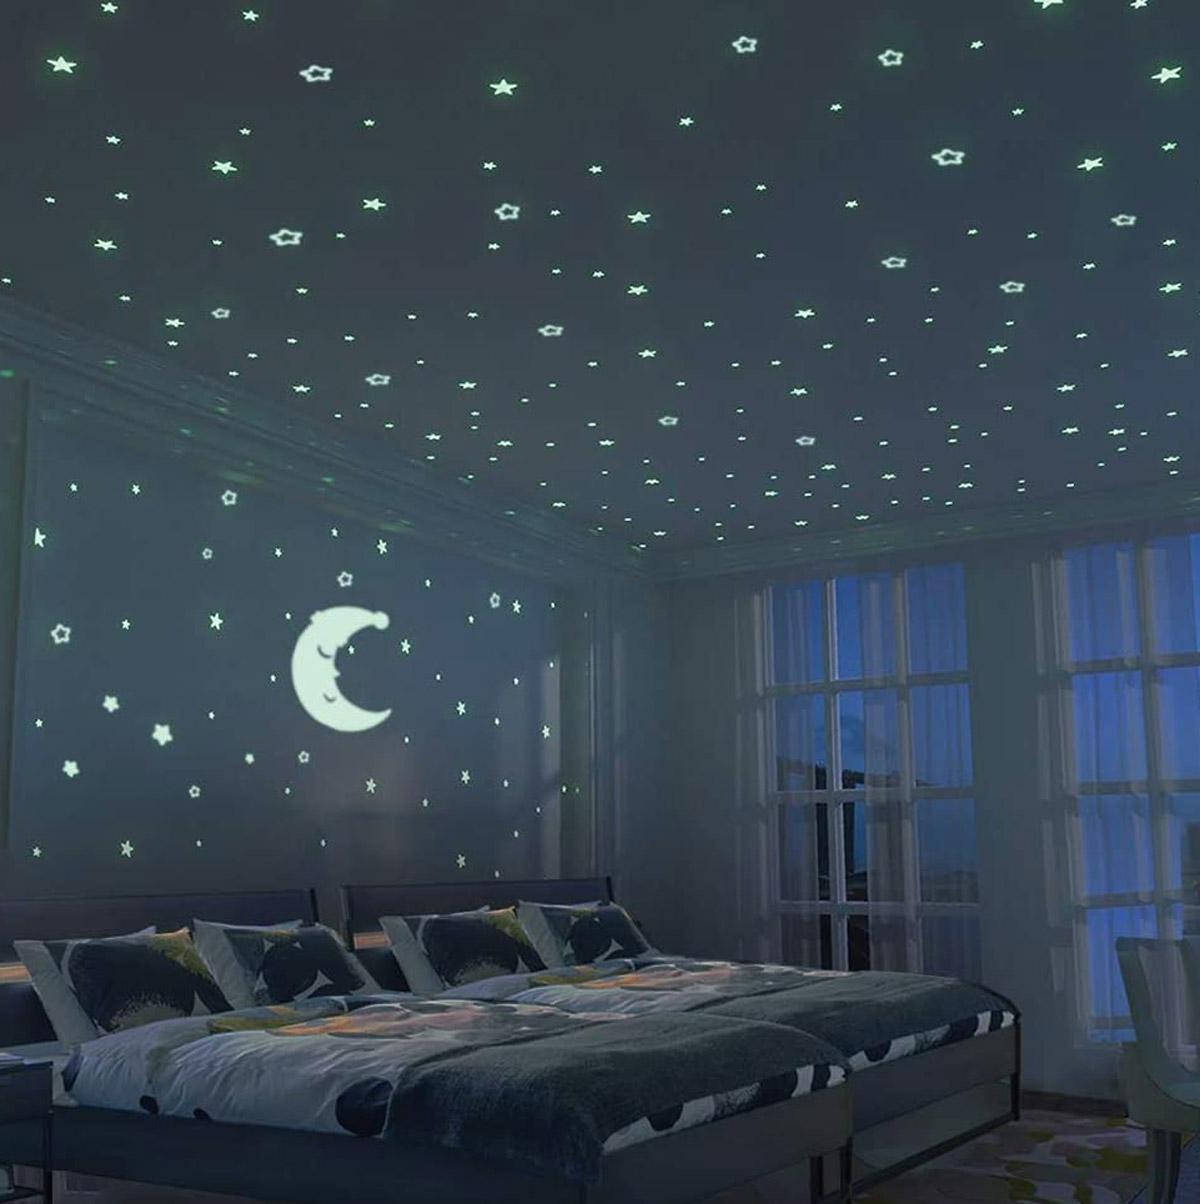 luna e tante stelline fluorescenti che illuminano la cameretta per bambini